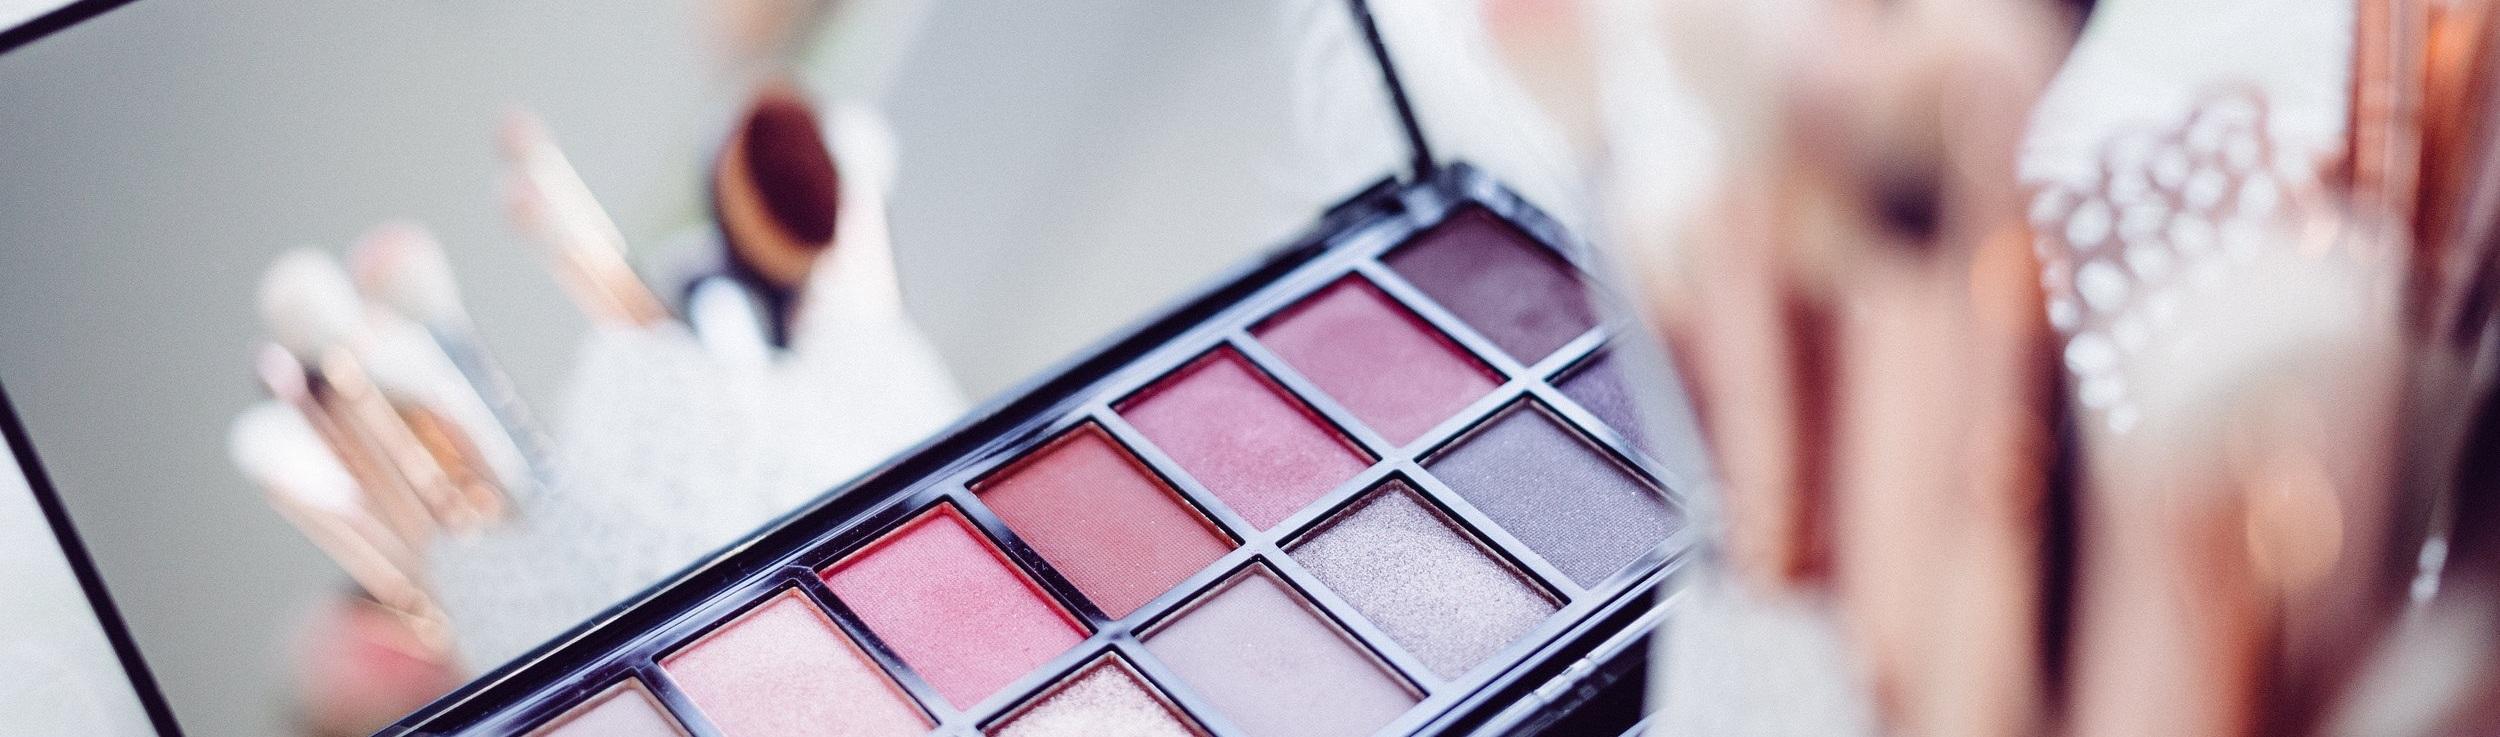 Produits et cosmétiques BIO